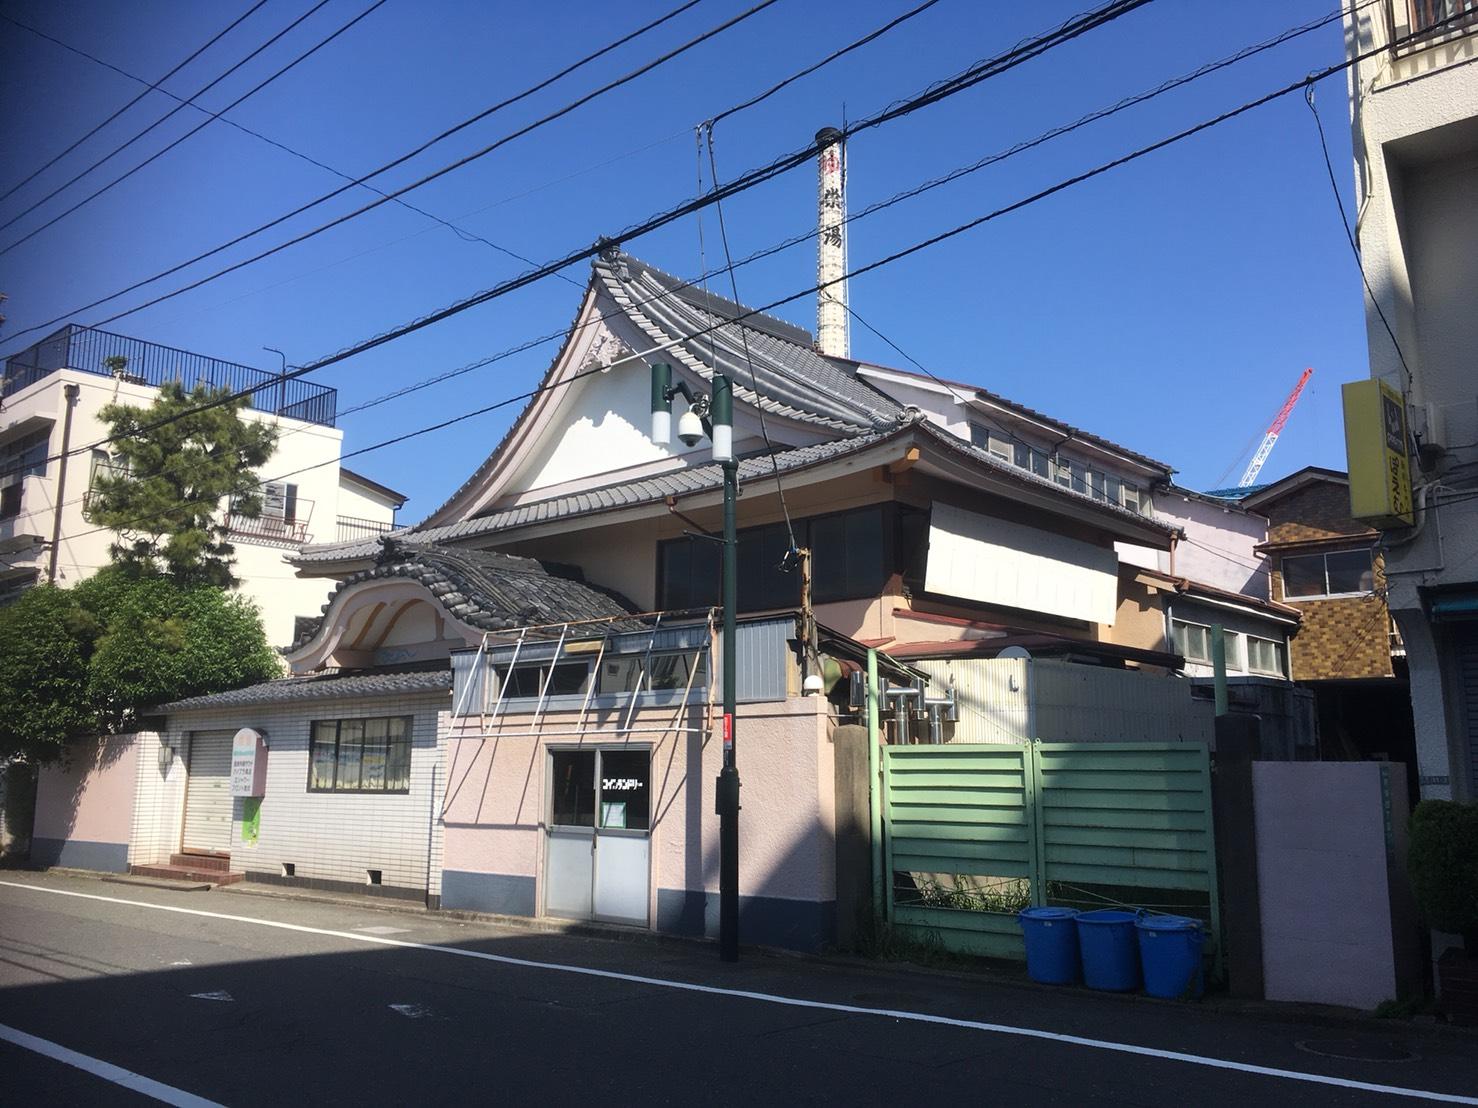 世田谷店の近くにあるレトロな銭湯